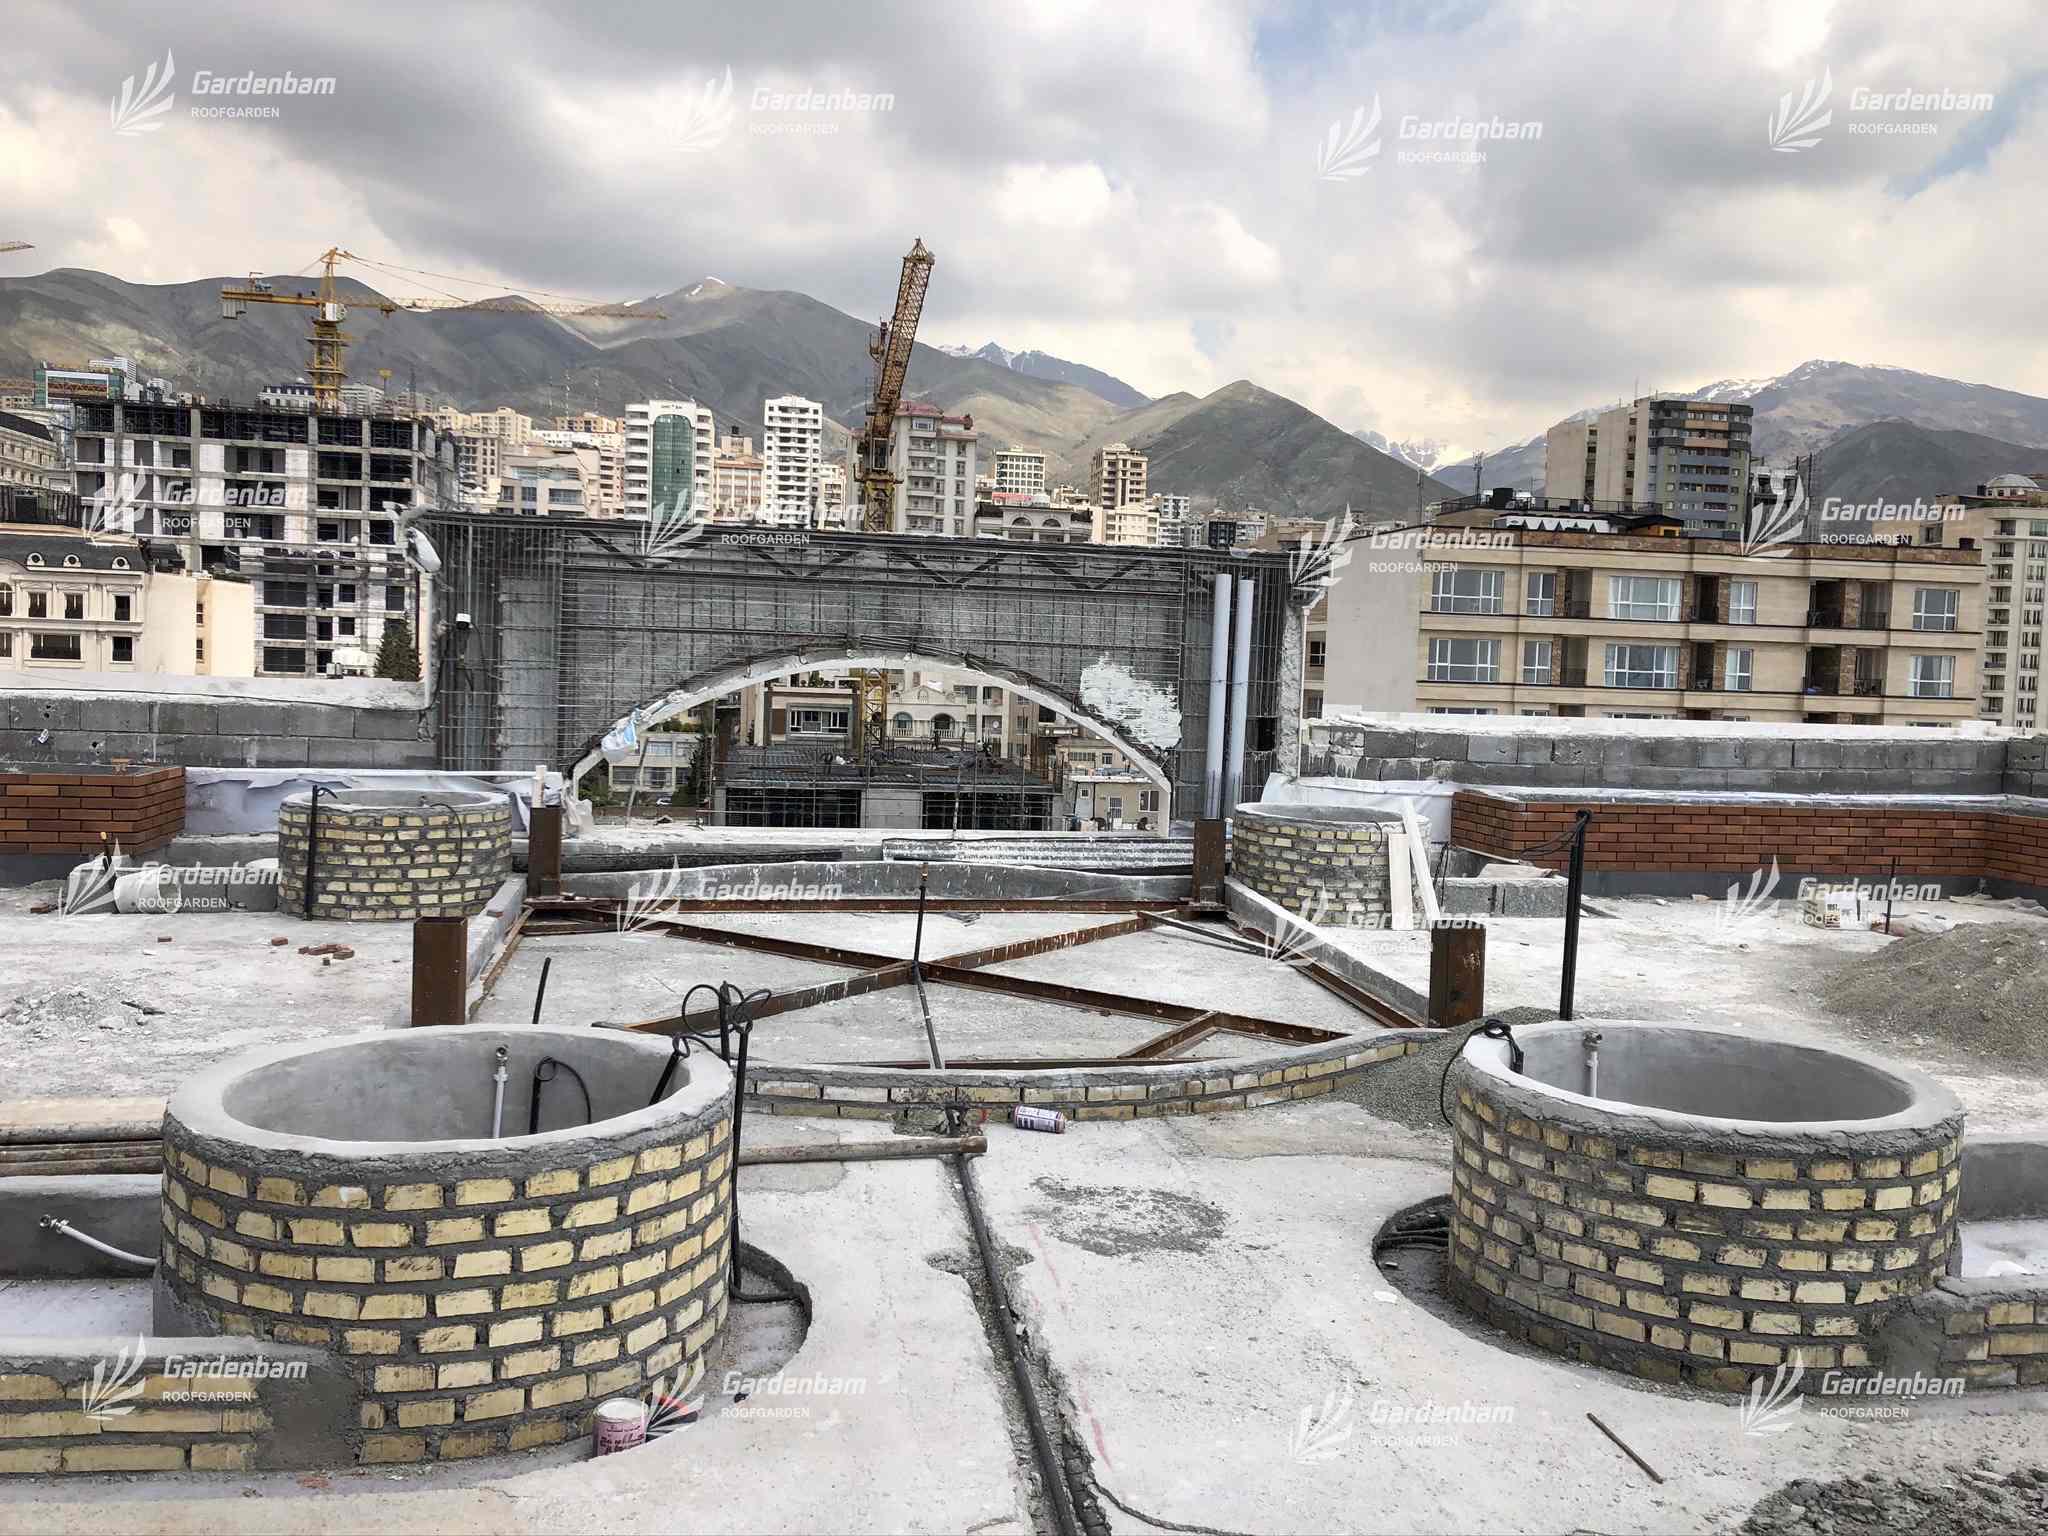 روف گاردن شرکت گاردن بام | بام سبز | پروژه | روفگاردن | آشپزخانه صنعتی | طراحی و اجرای روف گاردن